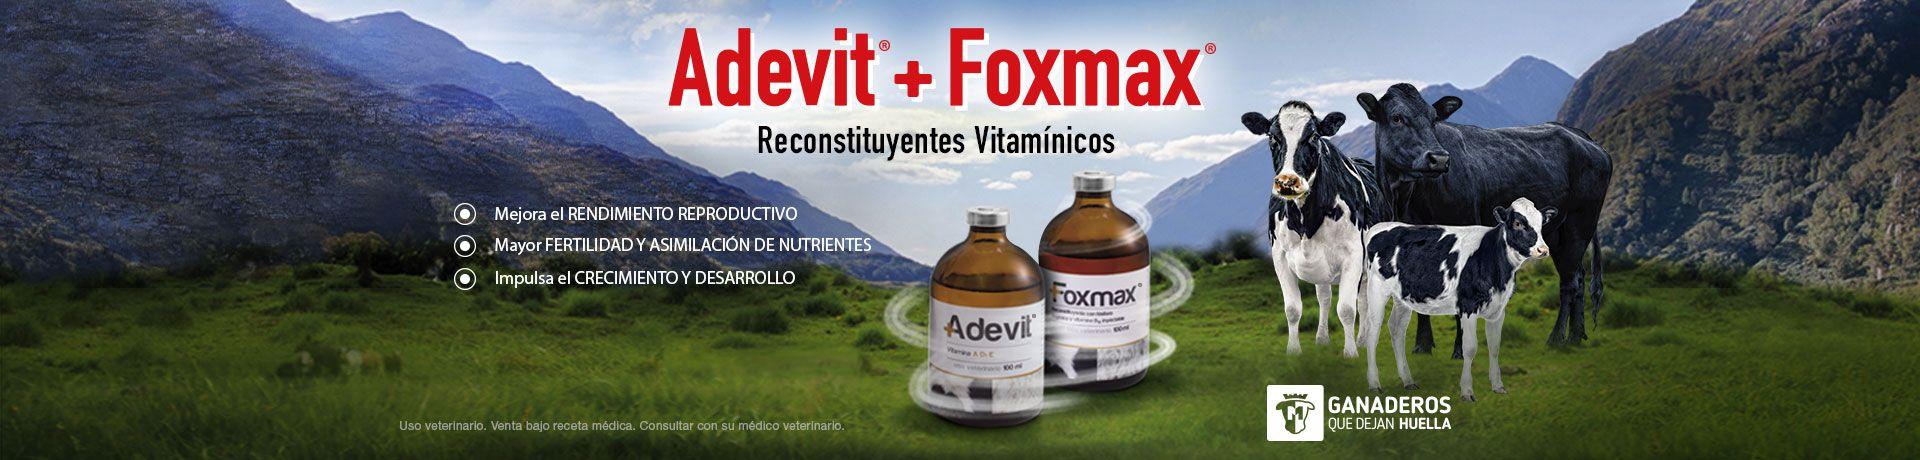 Banner-Adevit_Foxmax